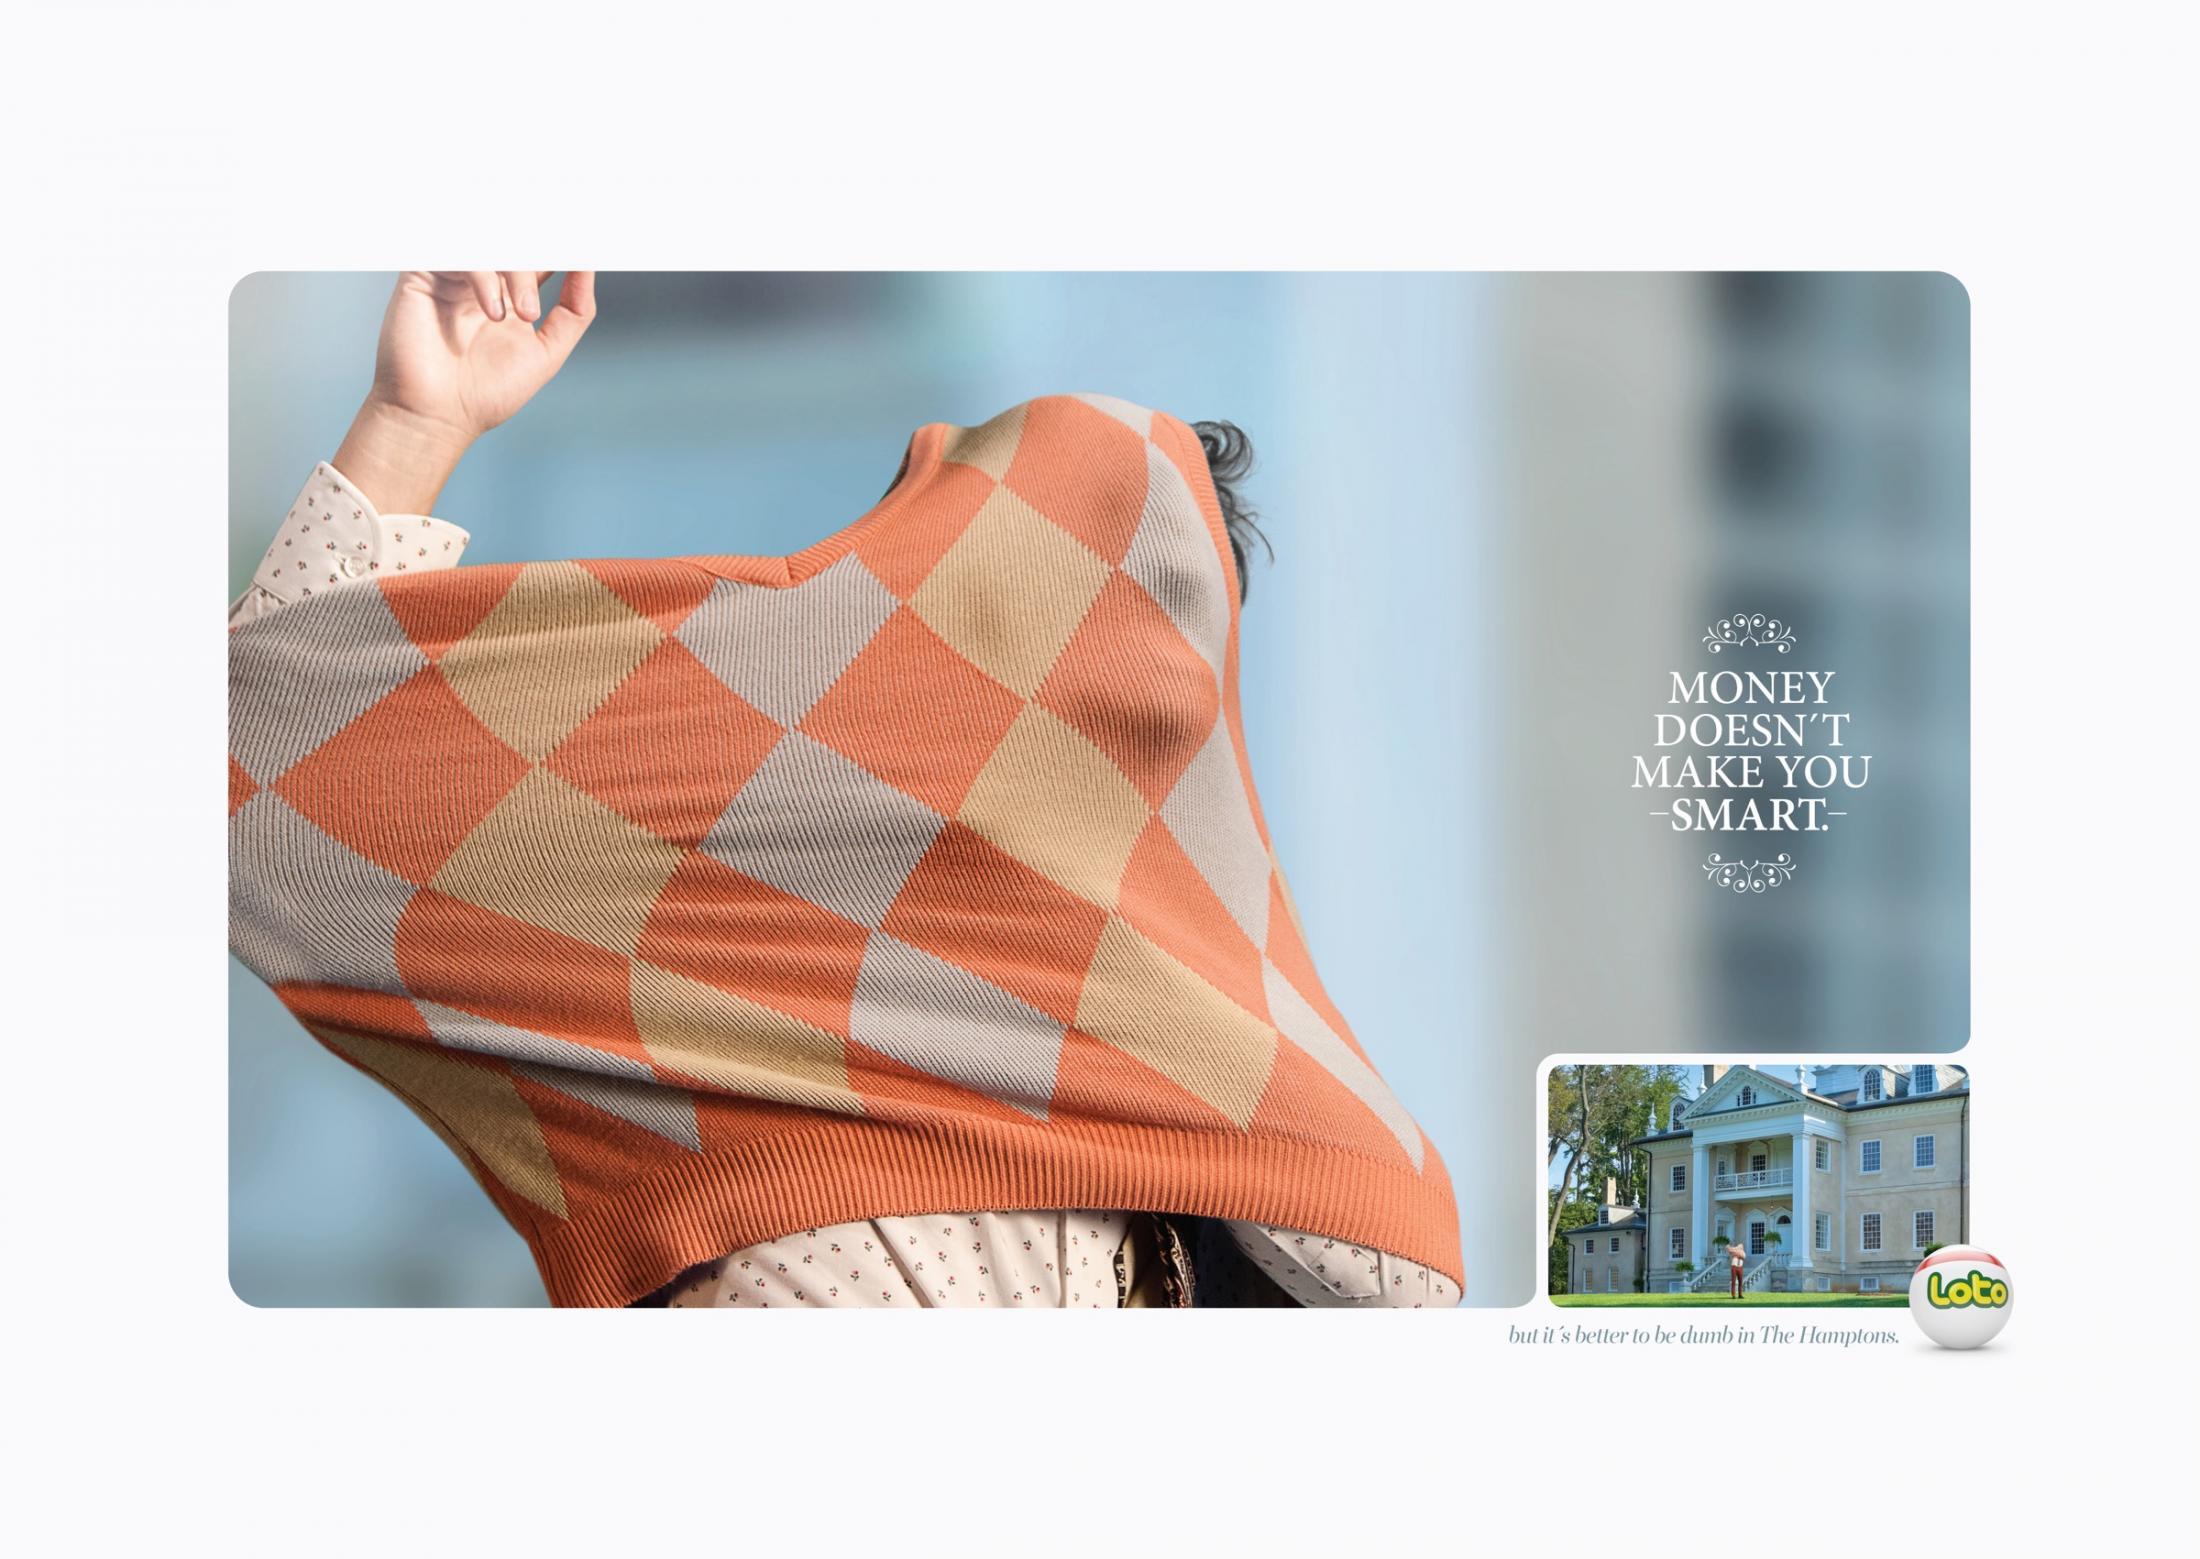 Loto Print Ad - Mansion